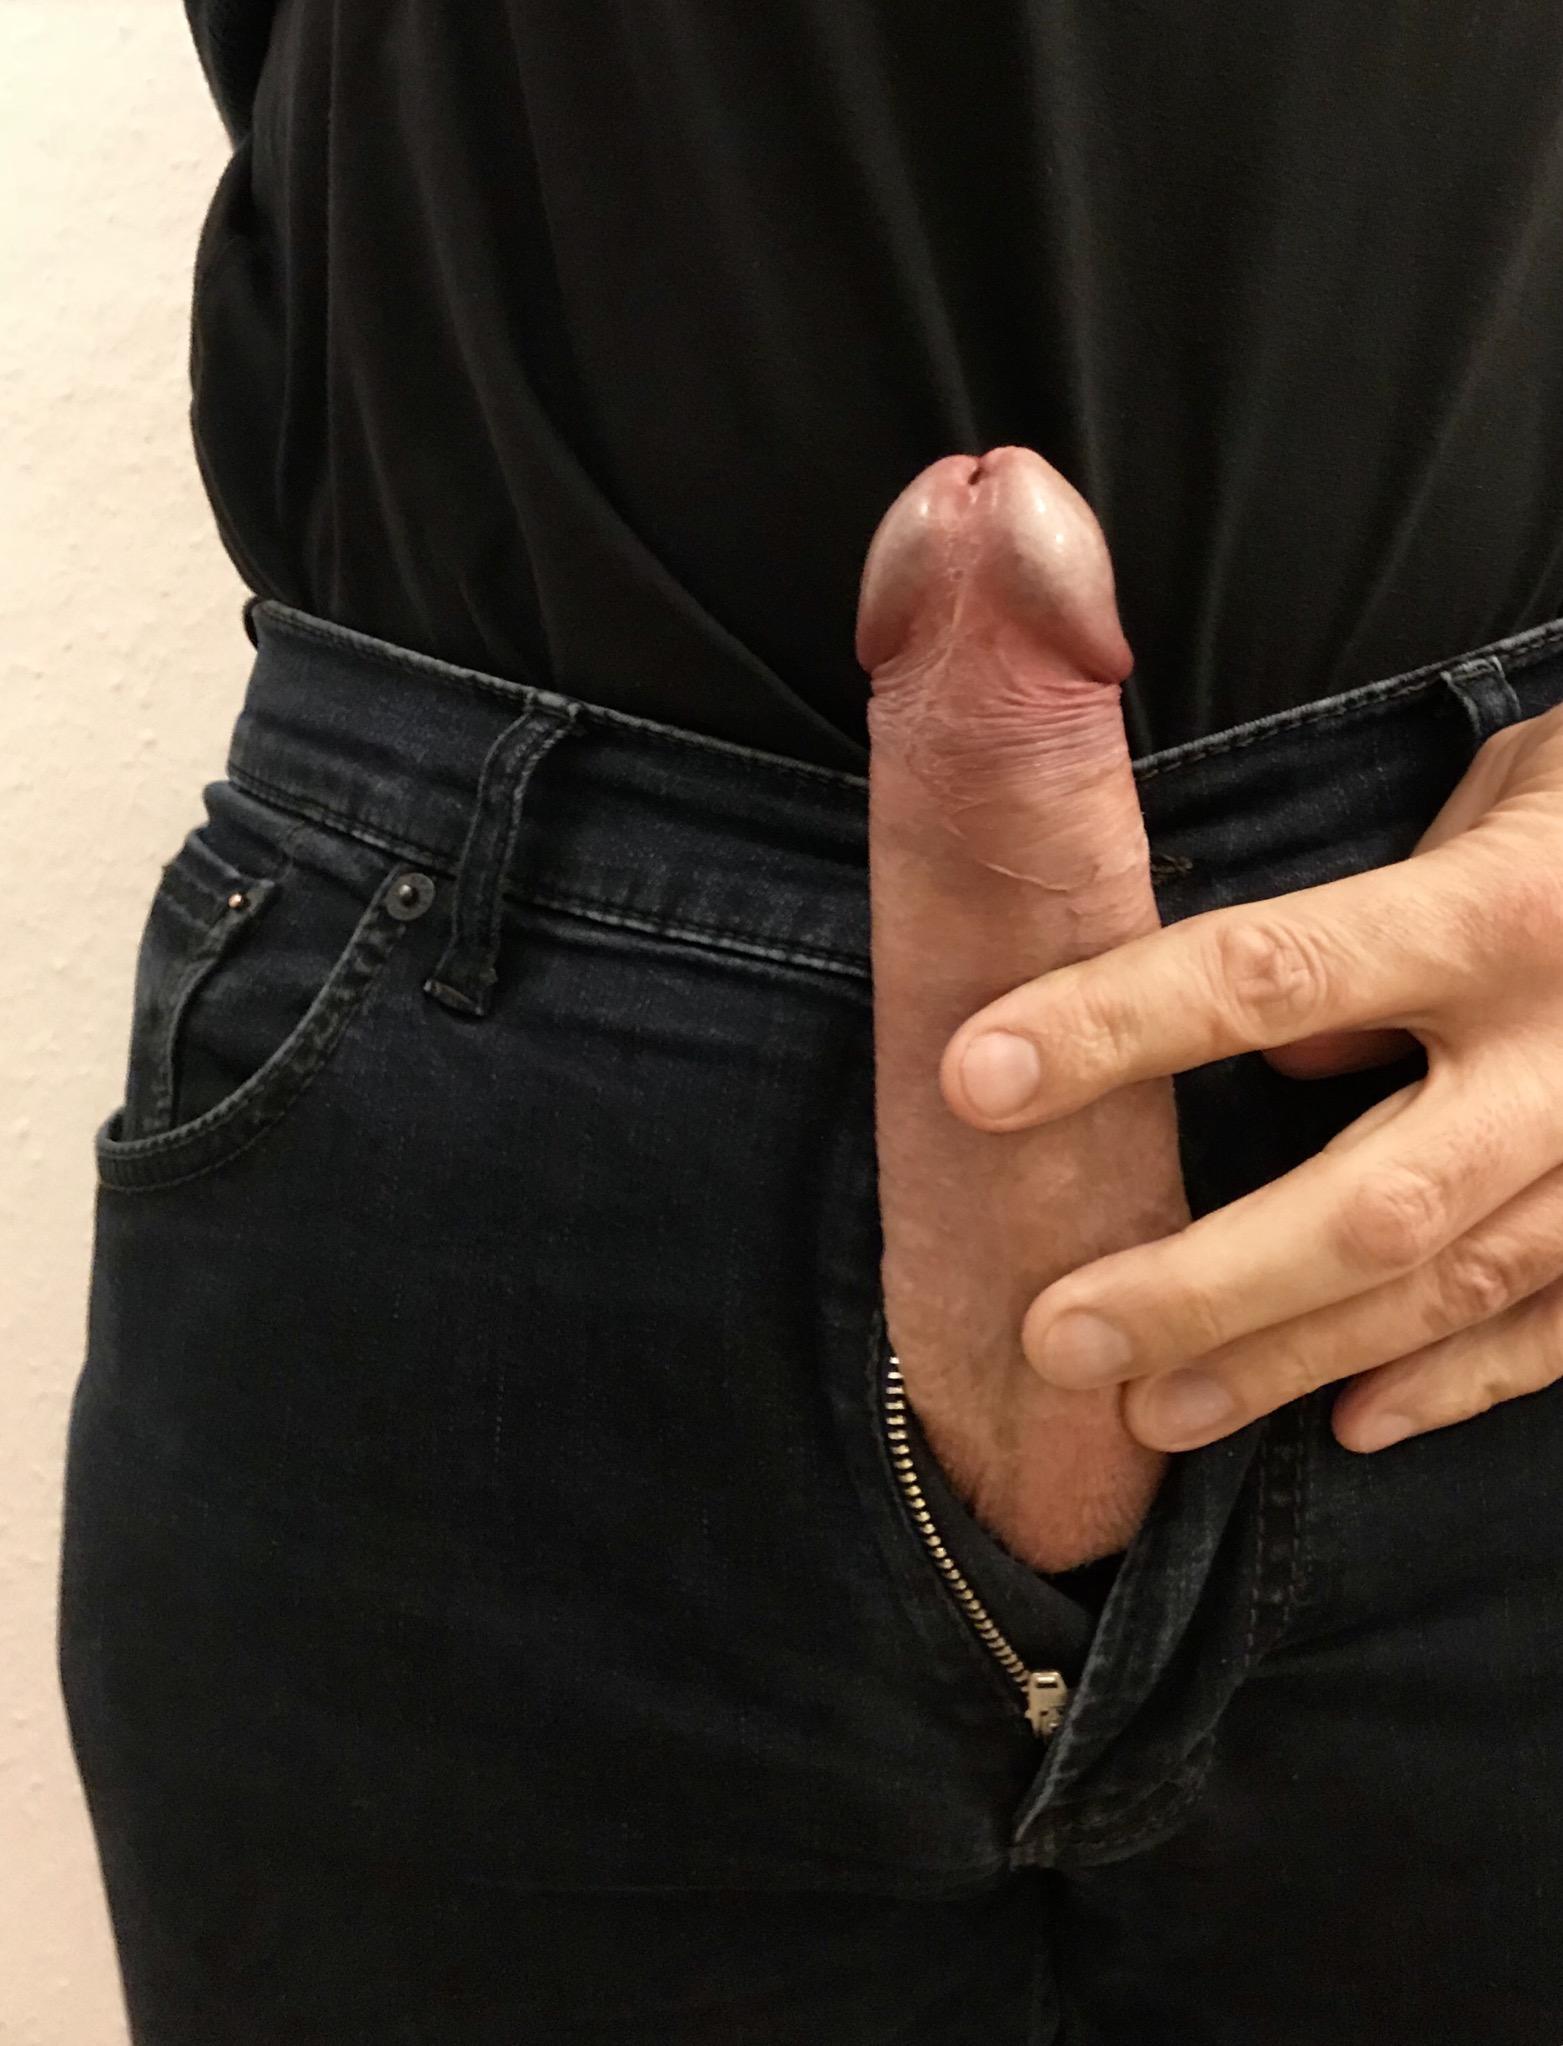 Com penis bilder Category:Human glans